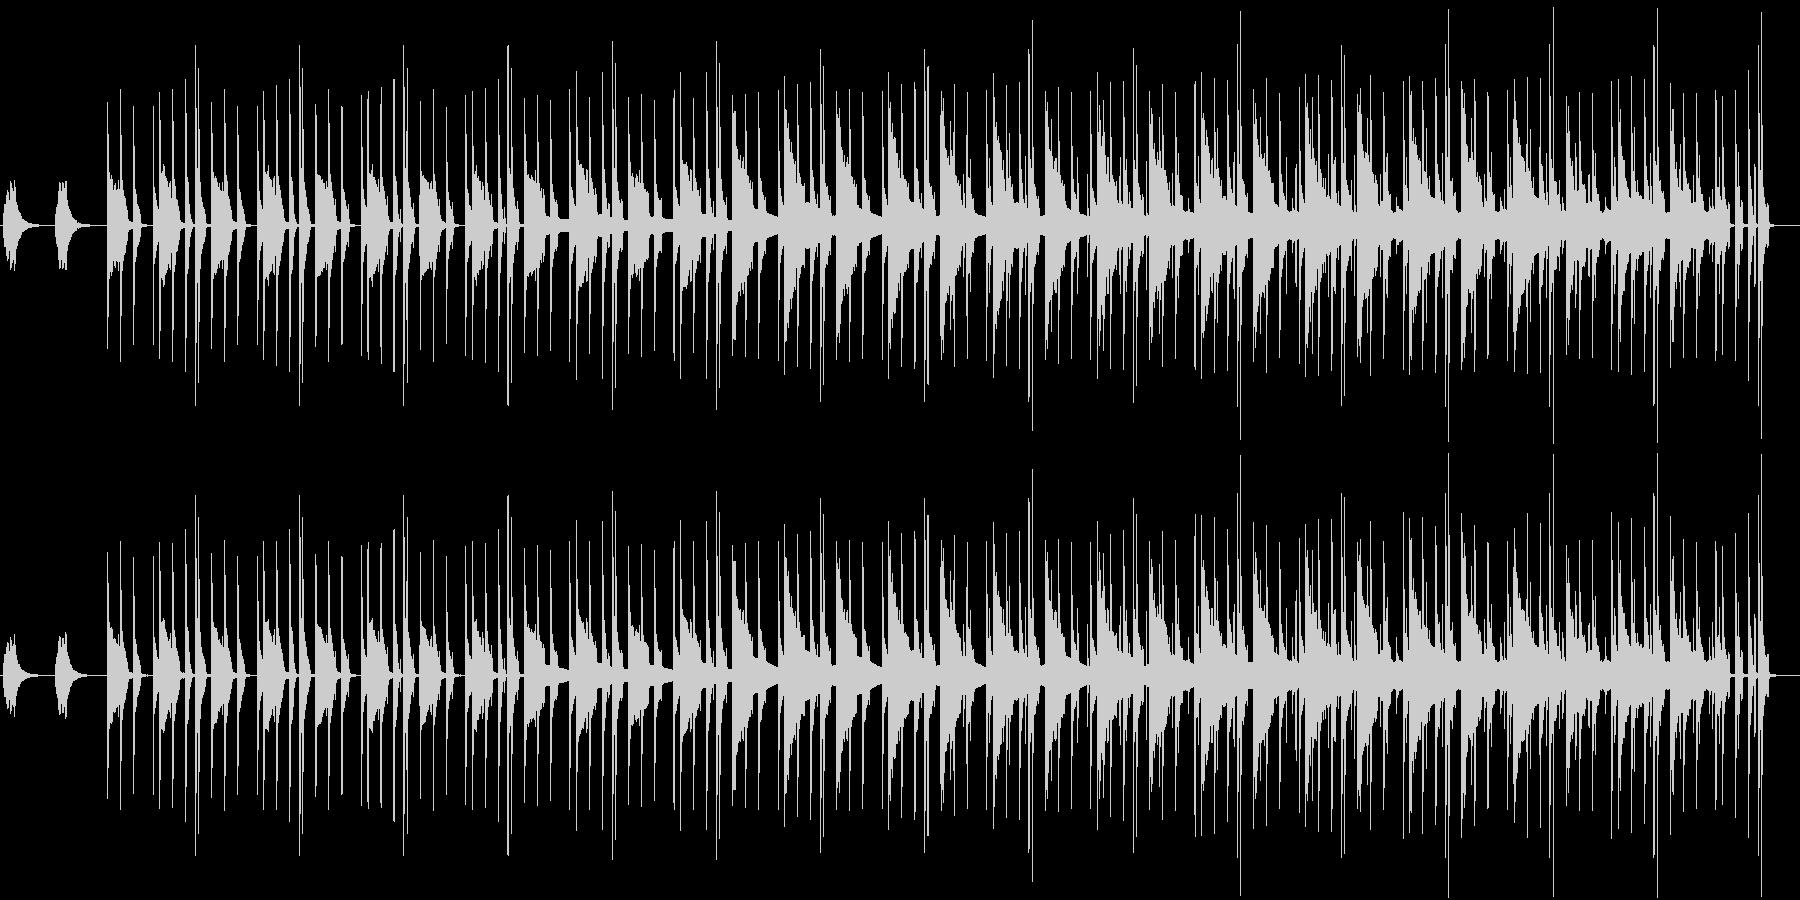 同じフレーズが繰り返される無機質な曲の未再生の波形